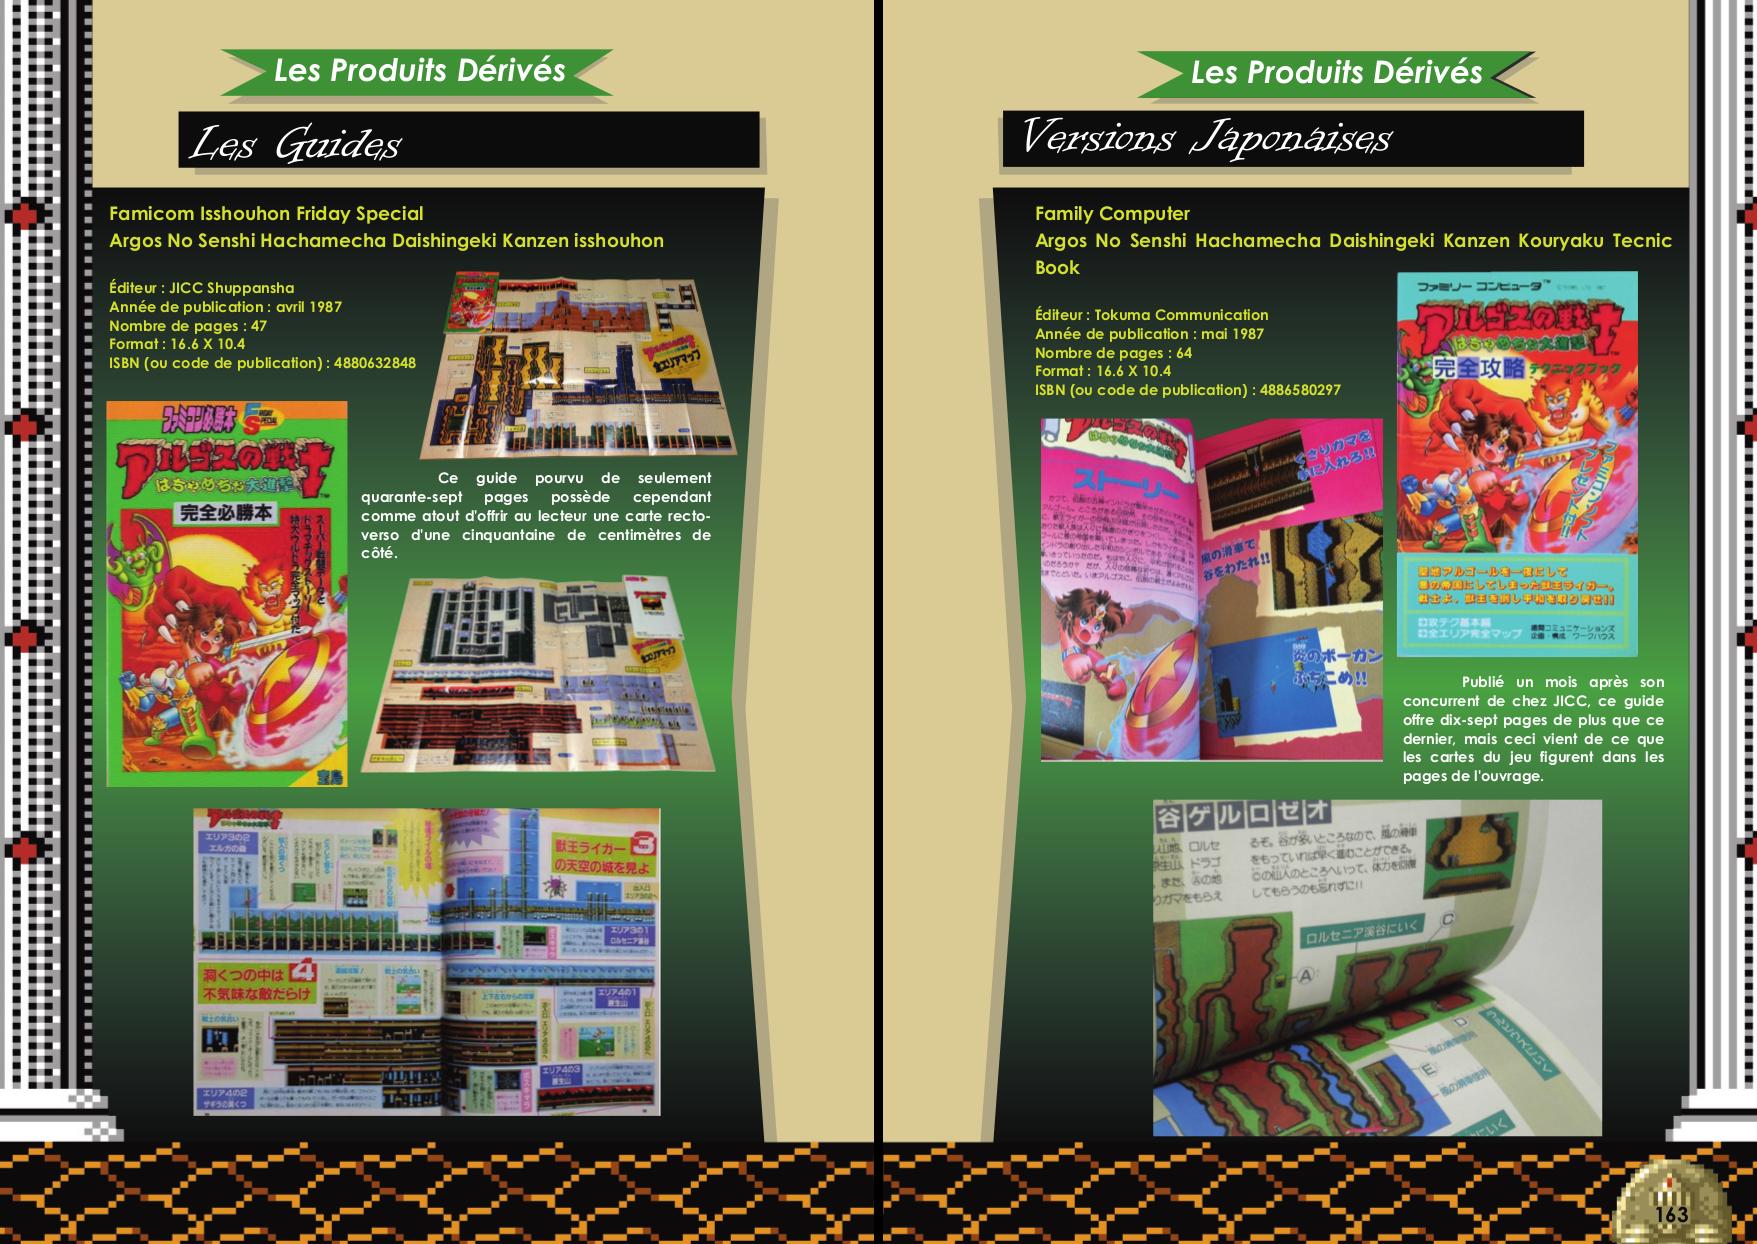 Livre sur Rygar Arcade, Nes avec produits dérivés de Côté Gamers